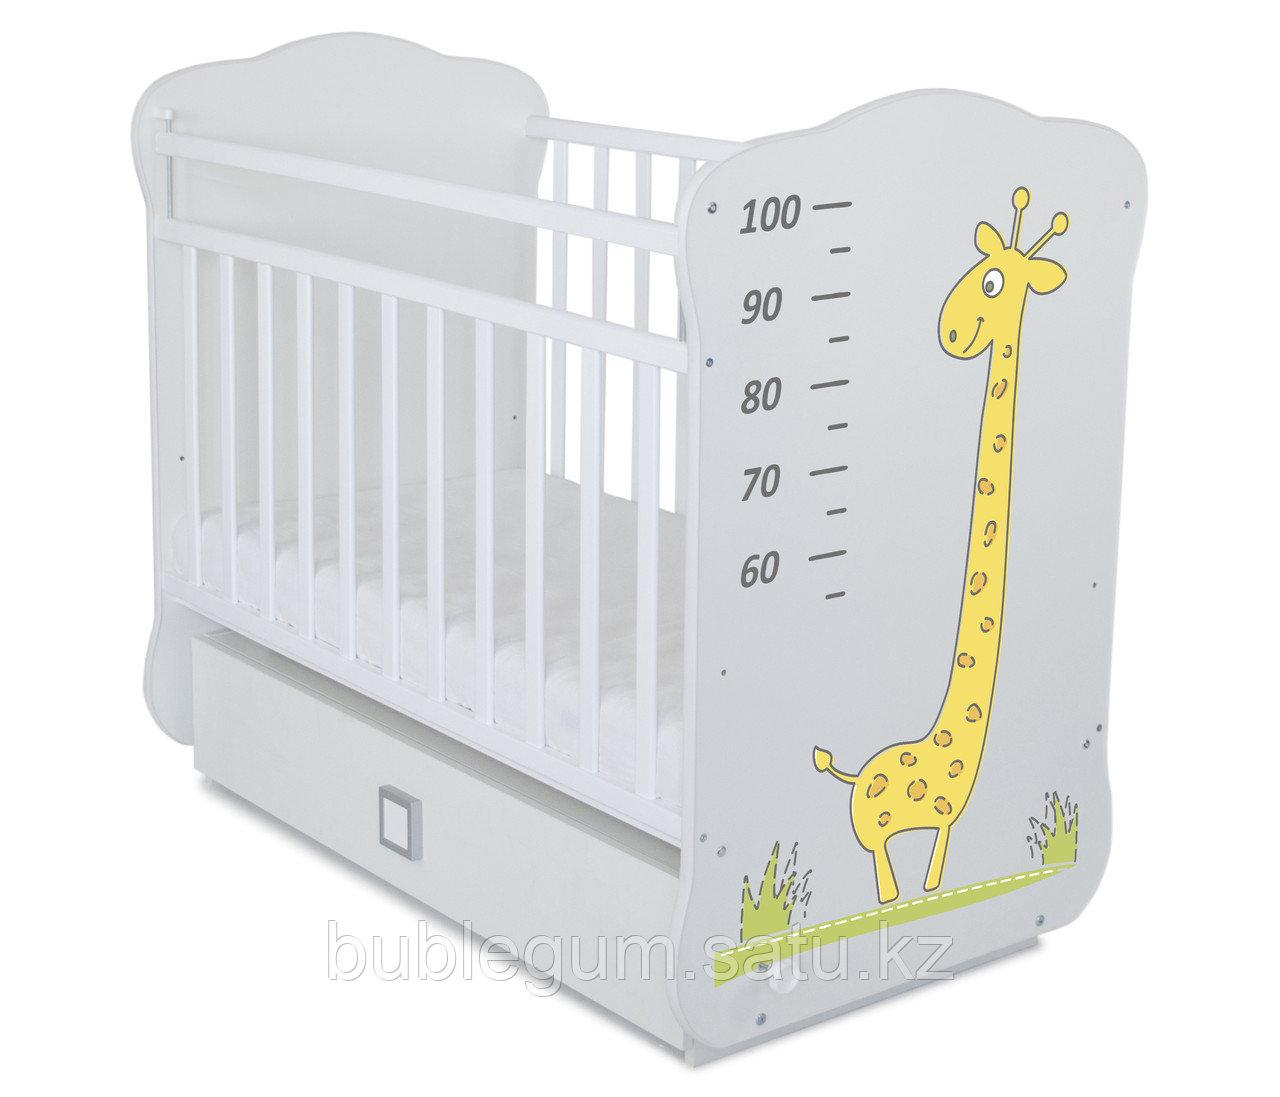 Кроватка детская СКВ-4 Жираф с ростомером маятник АКЦИЯ фотопечать Жирафа